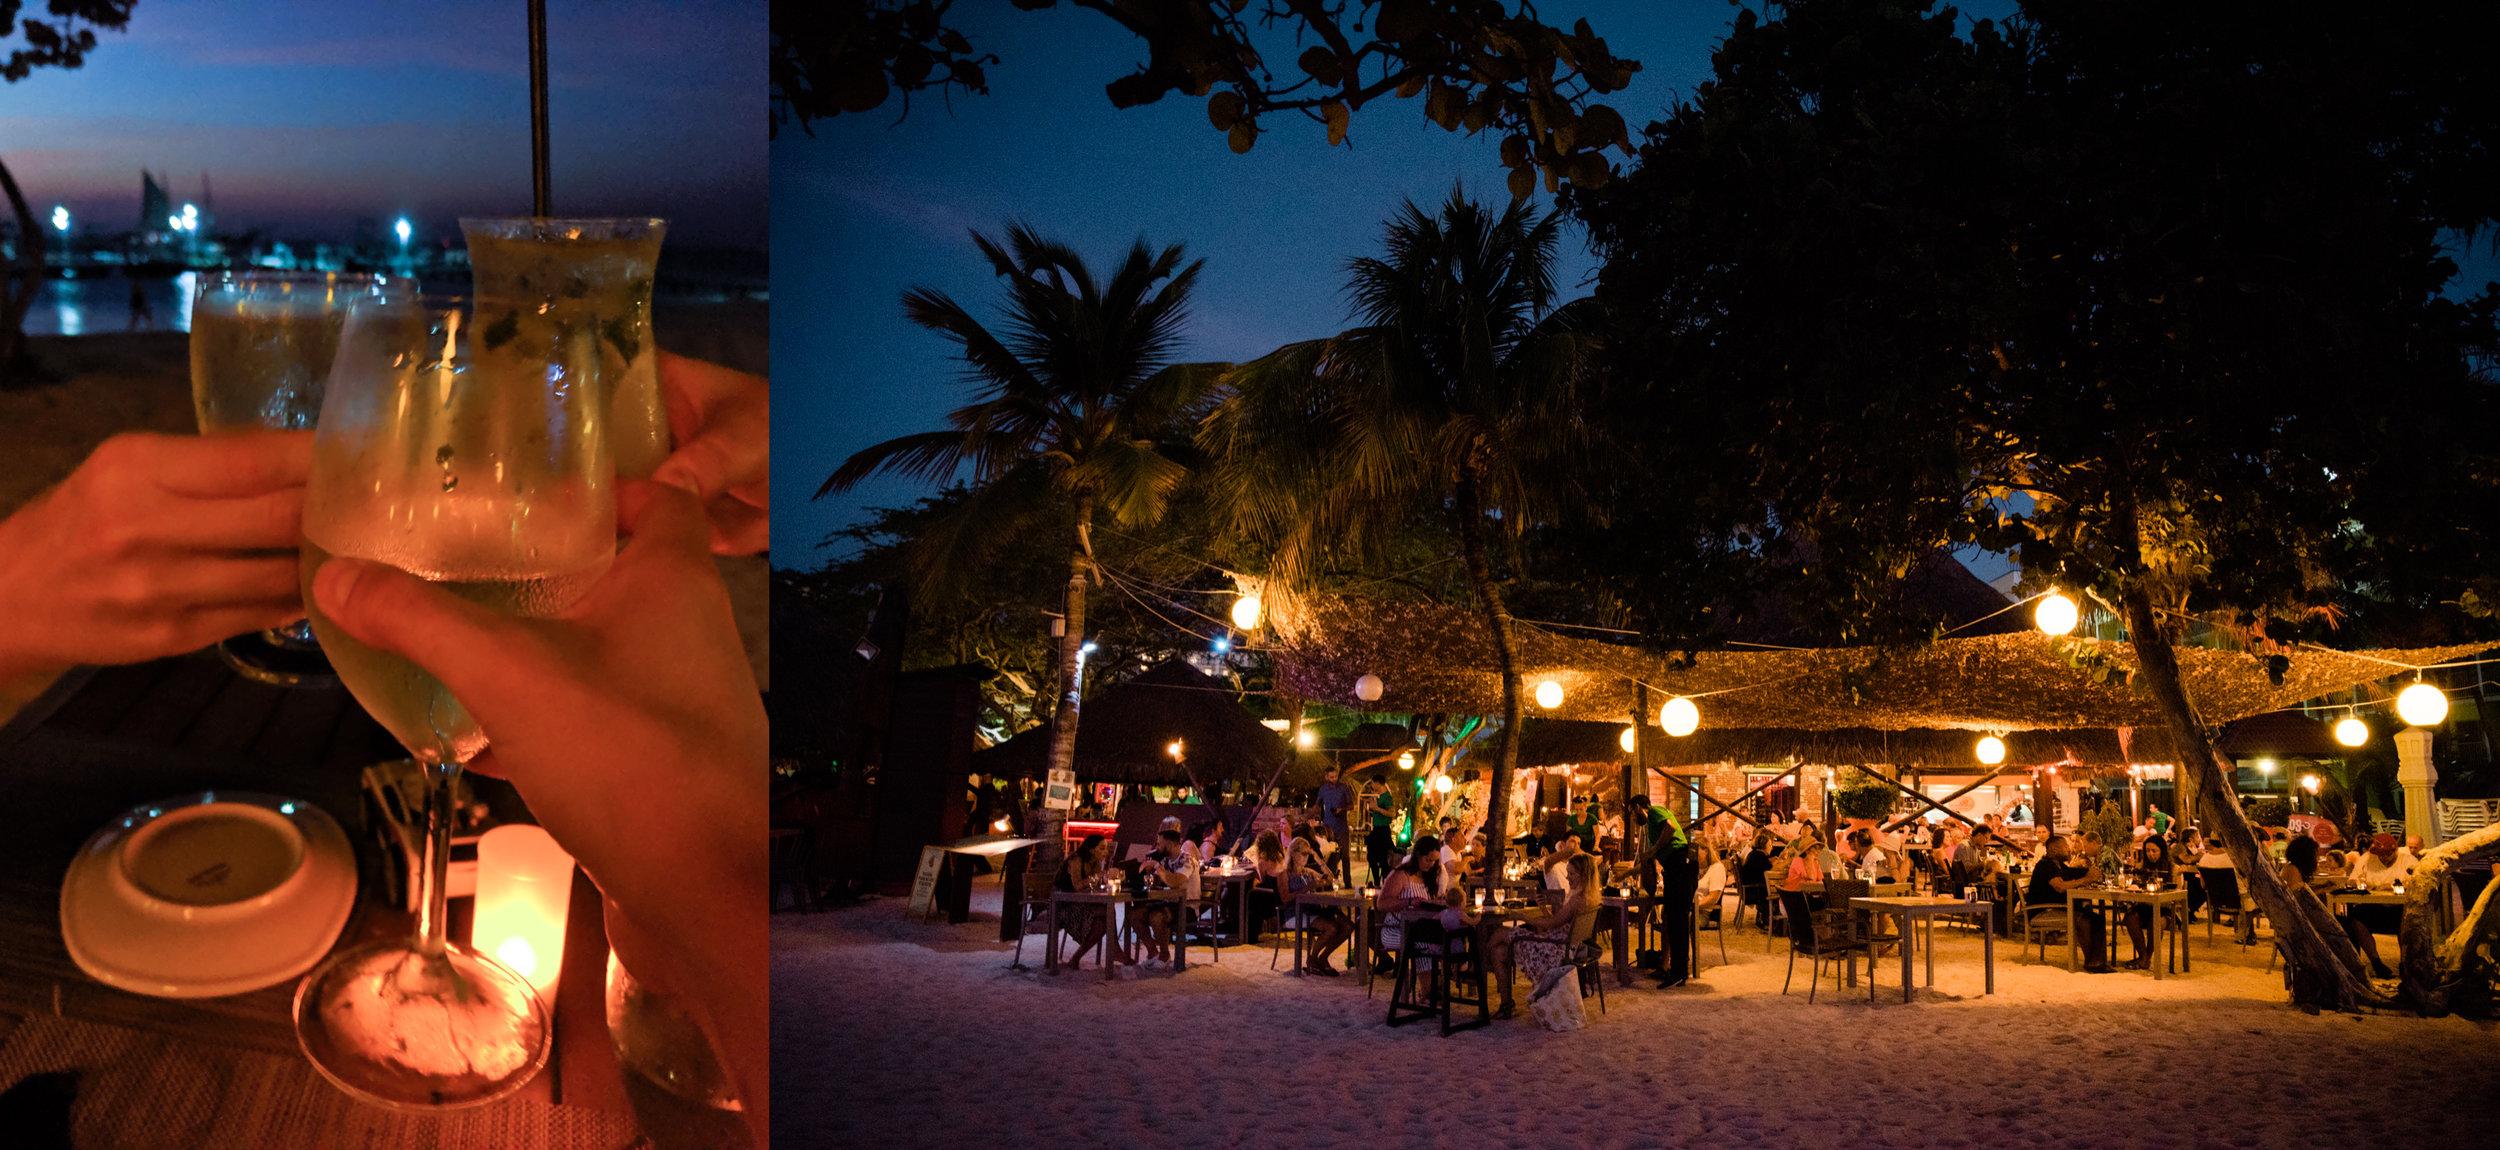 Aruba nightlife.jpg